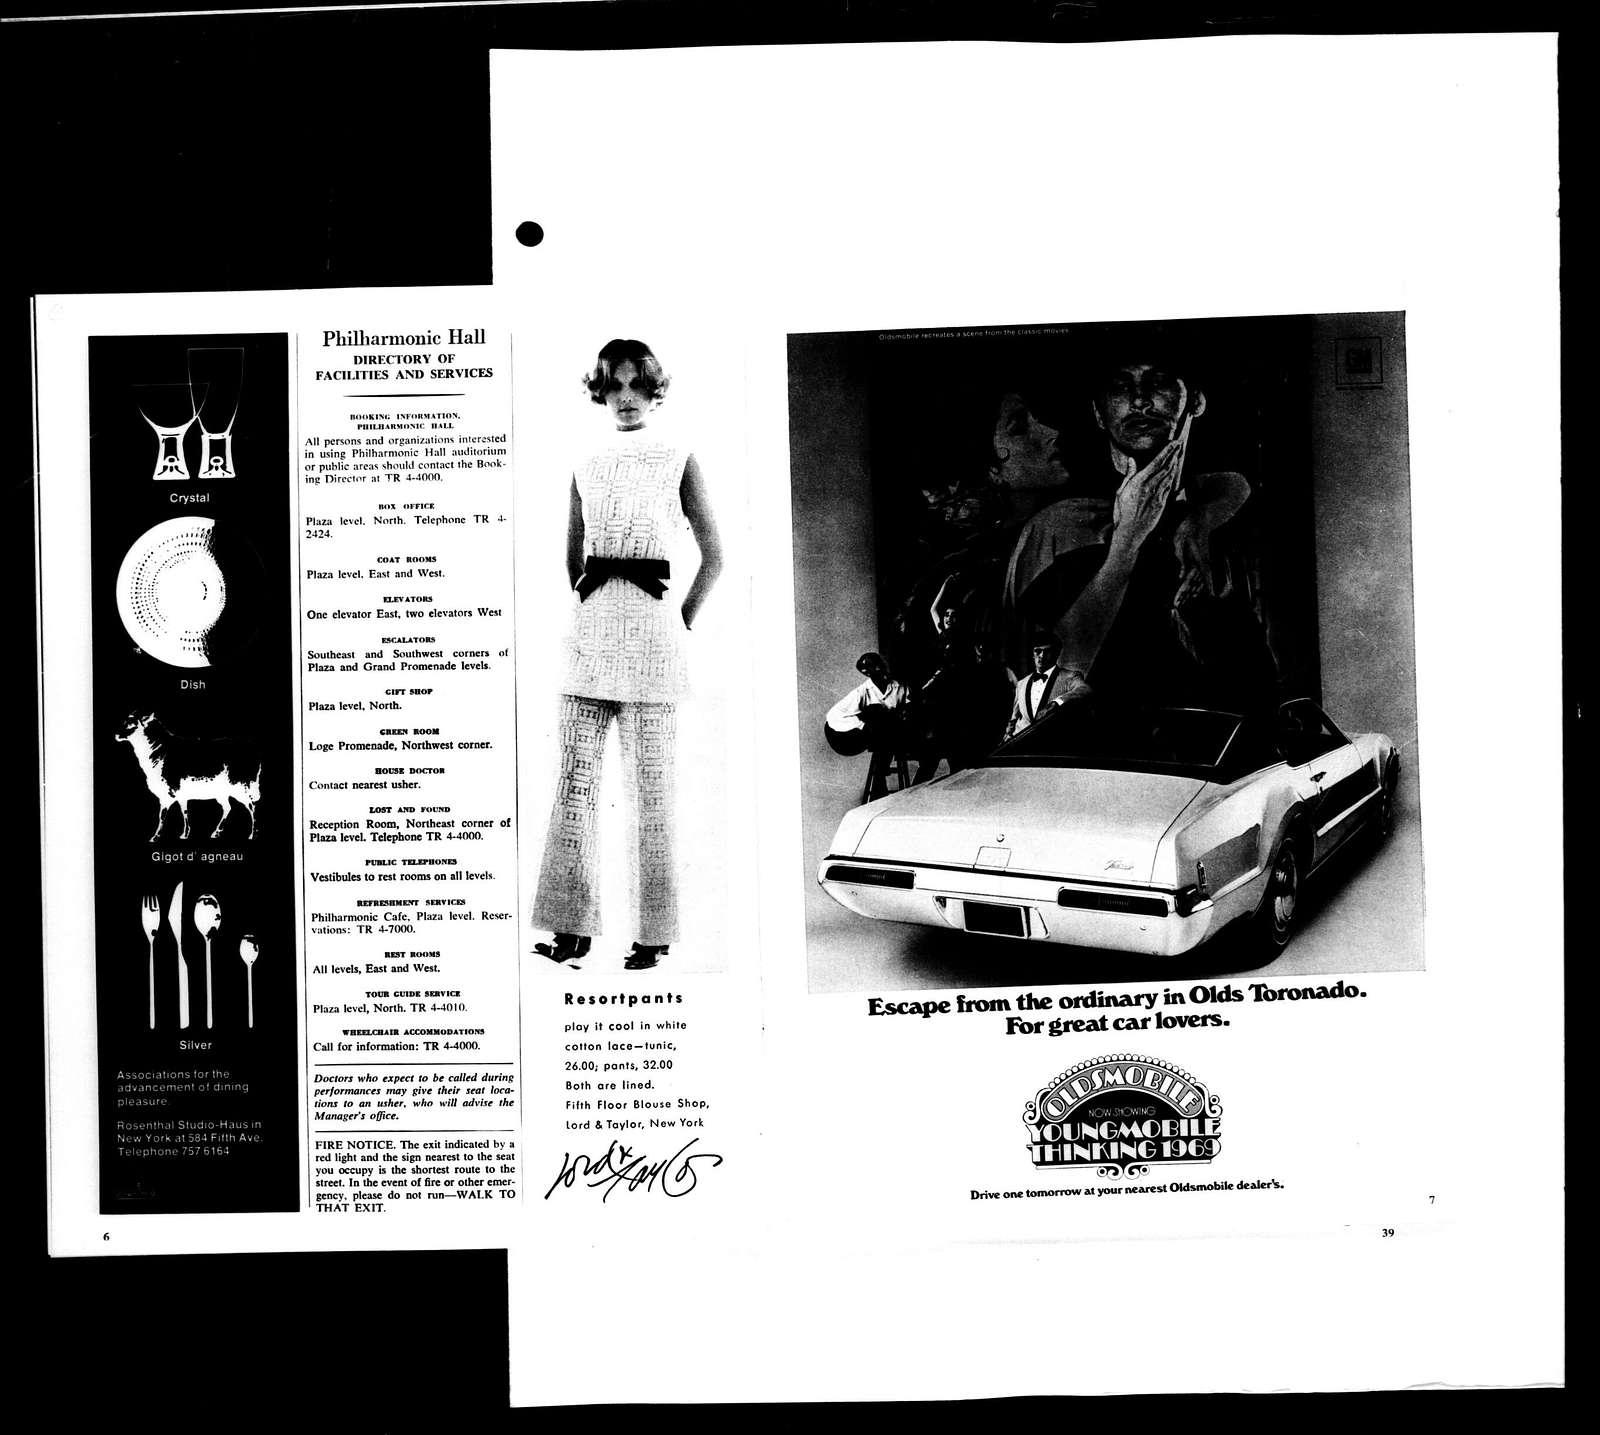 Leonard Bernstein Scrapbook: Vol. 68. Jan. 11, 1969-July 1, 1969